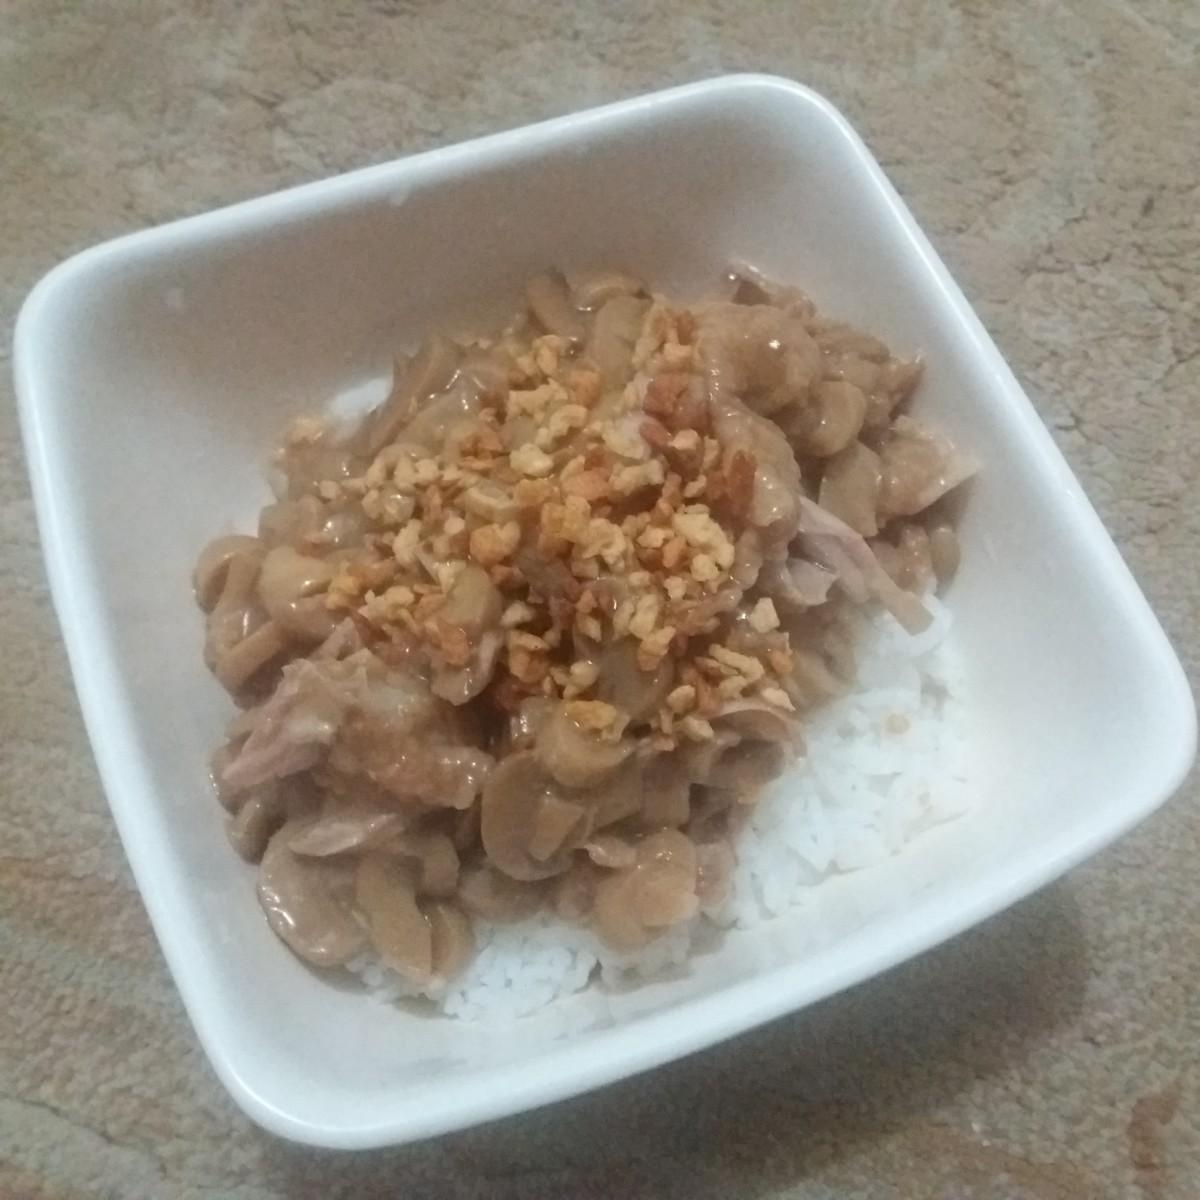 Leftover Chicken in Mushroom Gravy Sauce